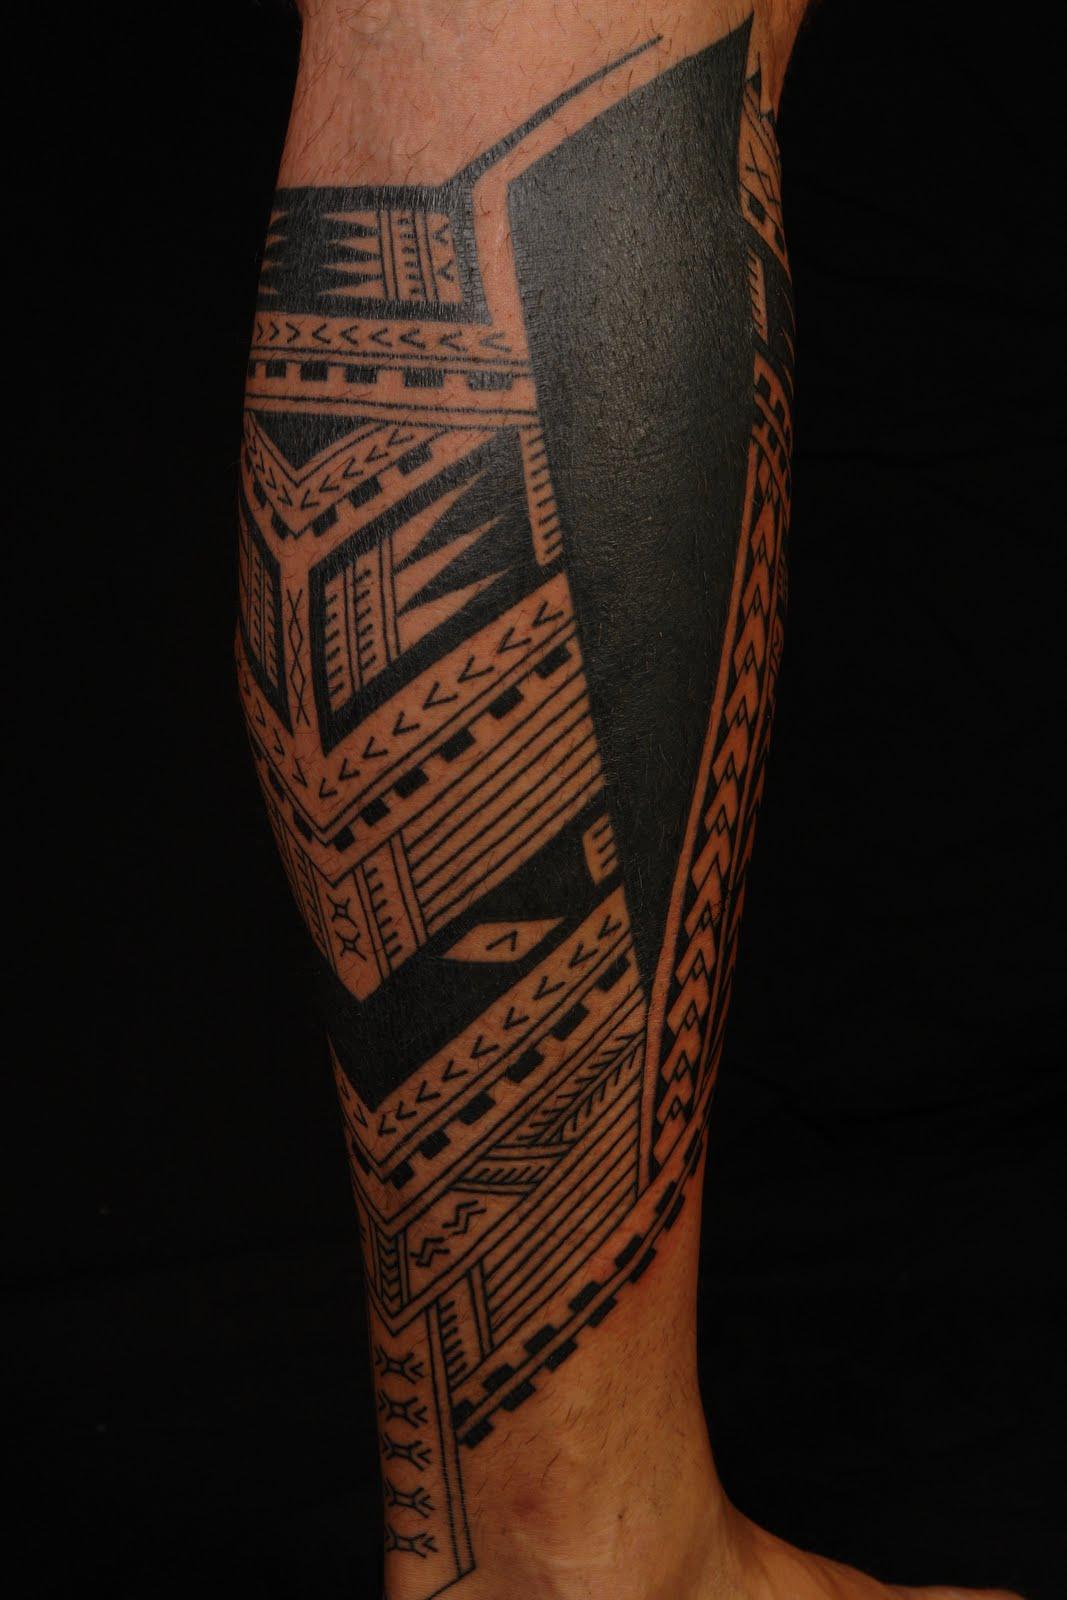 Samoan Tattoo: SHANE TATTOOS: Samoan Polynesian Calf Tattoo